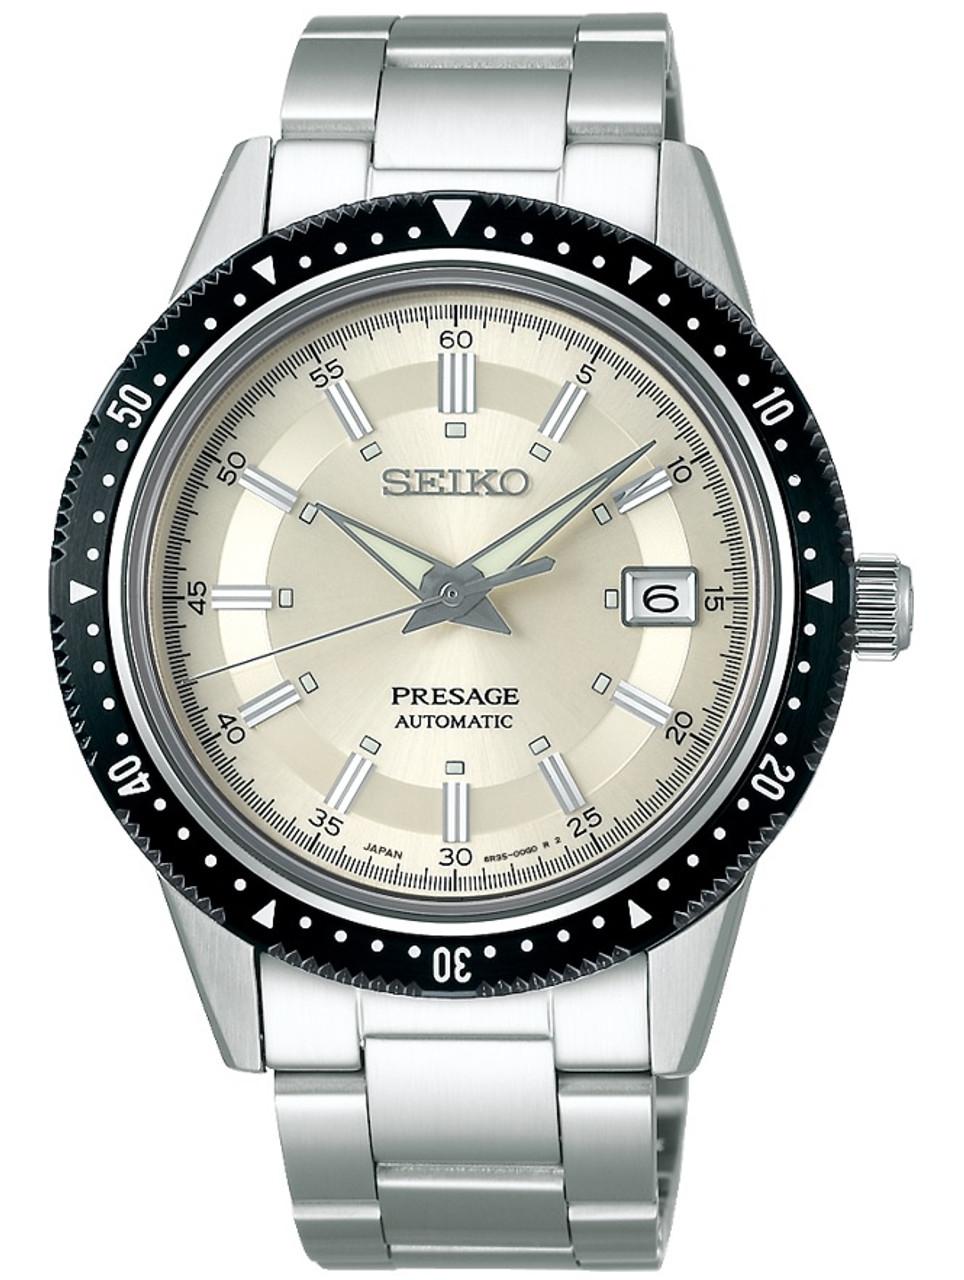 Seiko Presage Crown Chronograph Reissue SARX069